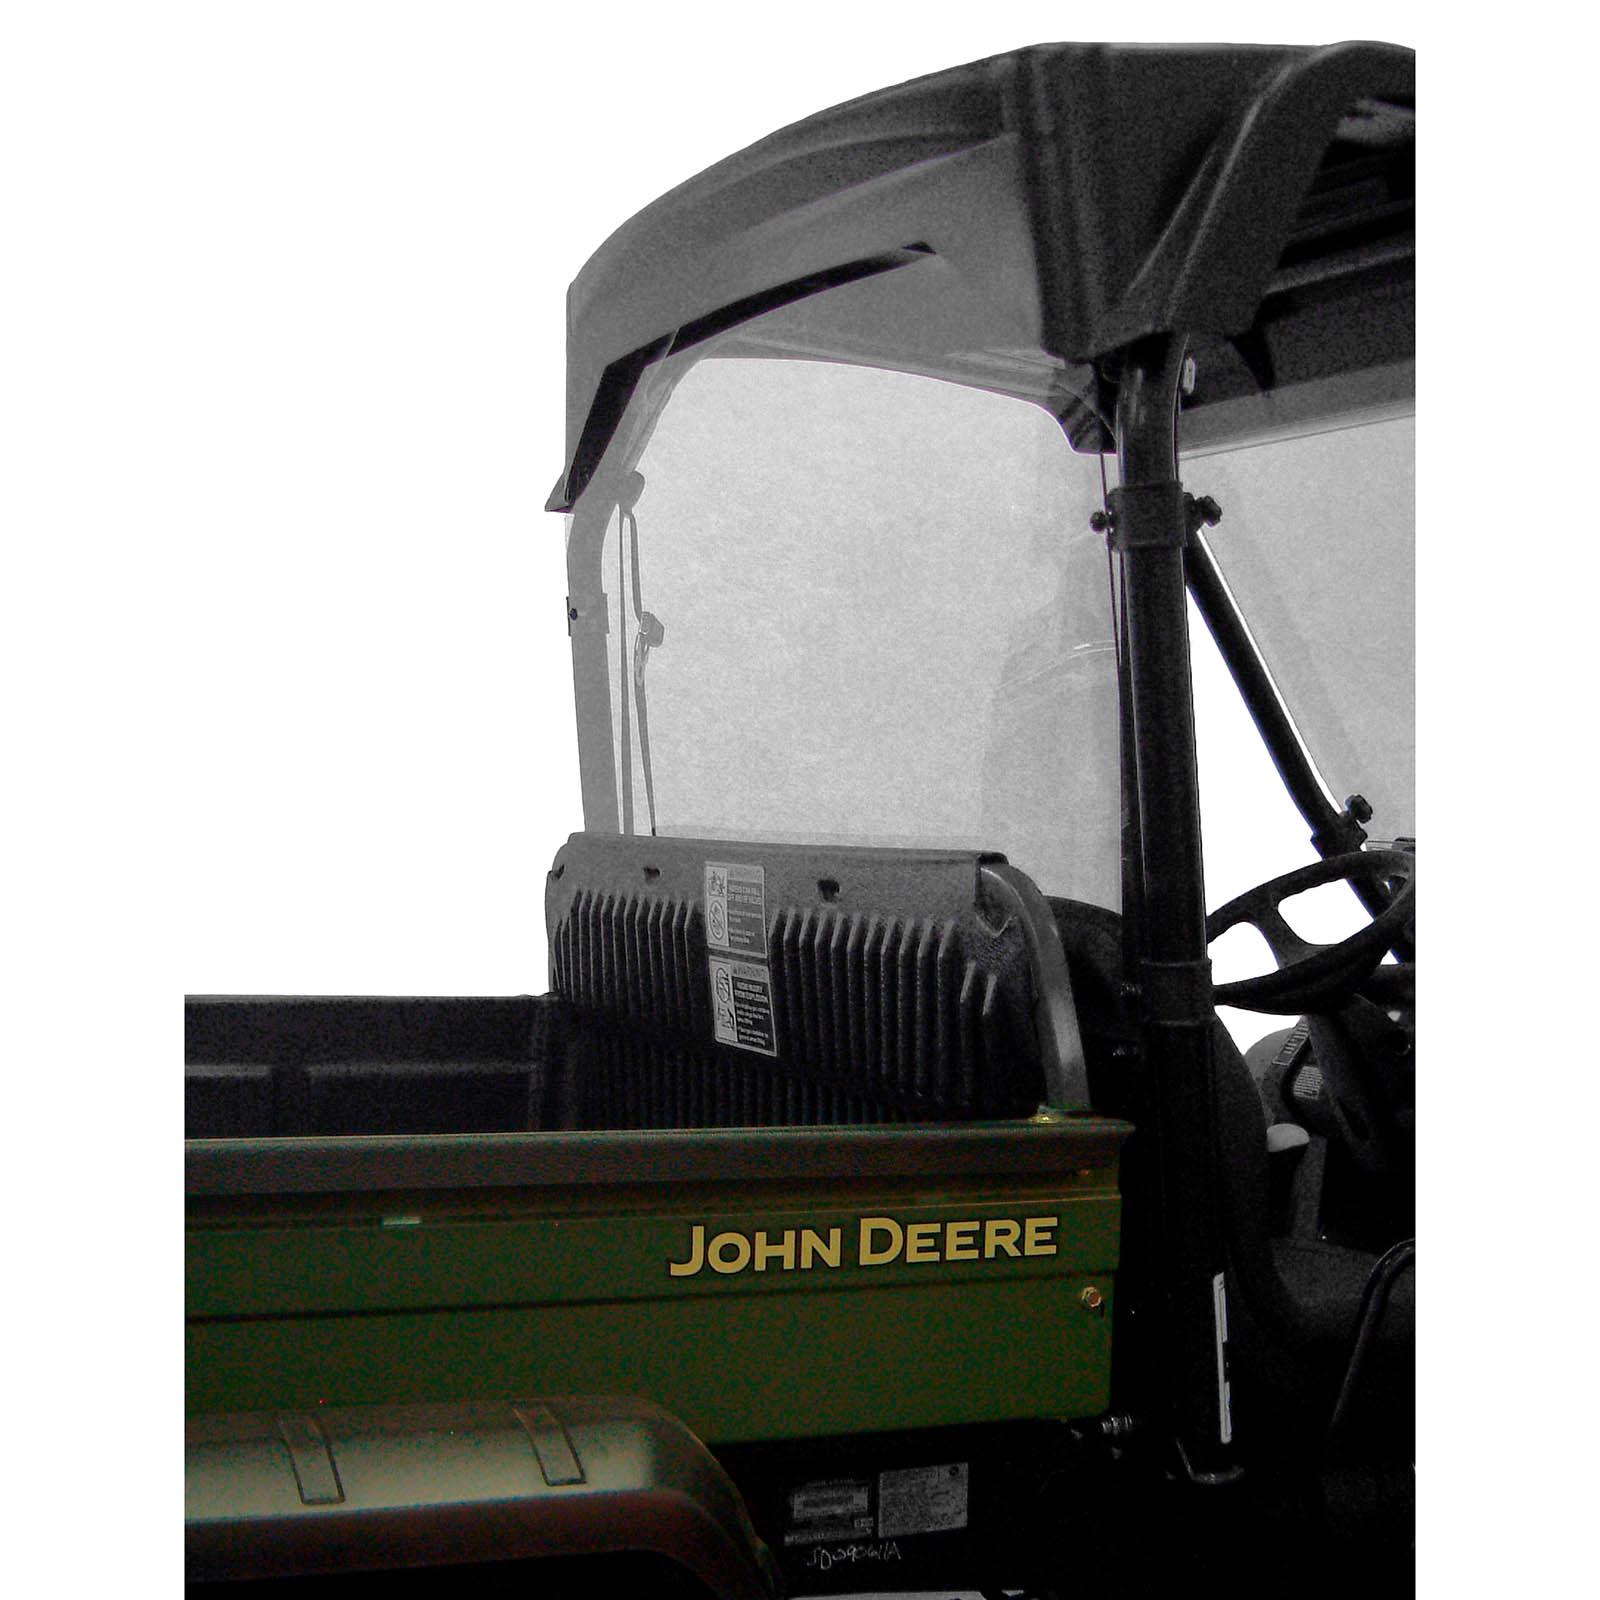 Pair UTV Side Mirror for John Deere Gator HPX 625i 825i 840i RSX 860i 855D NEW